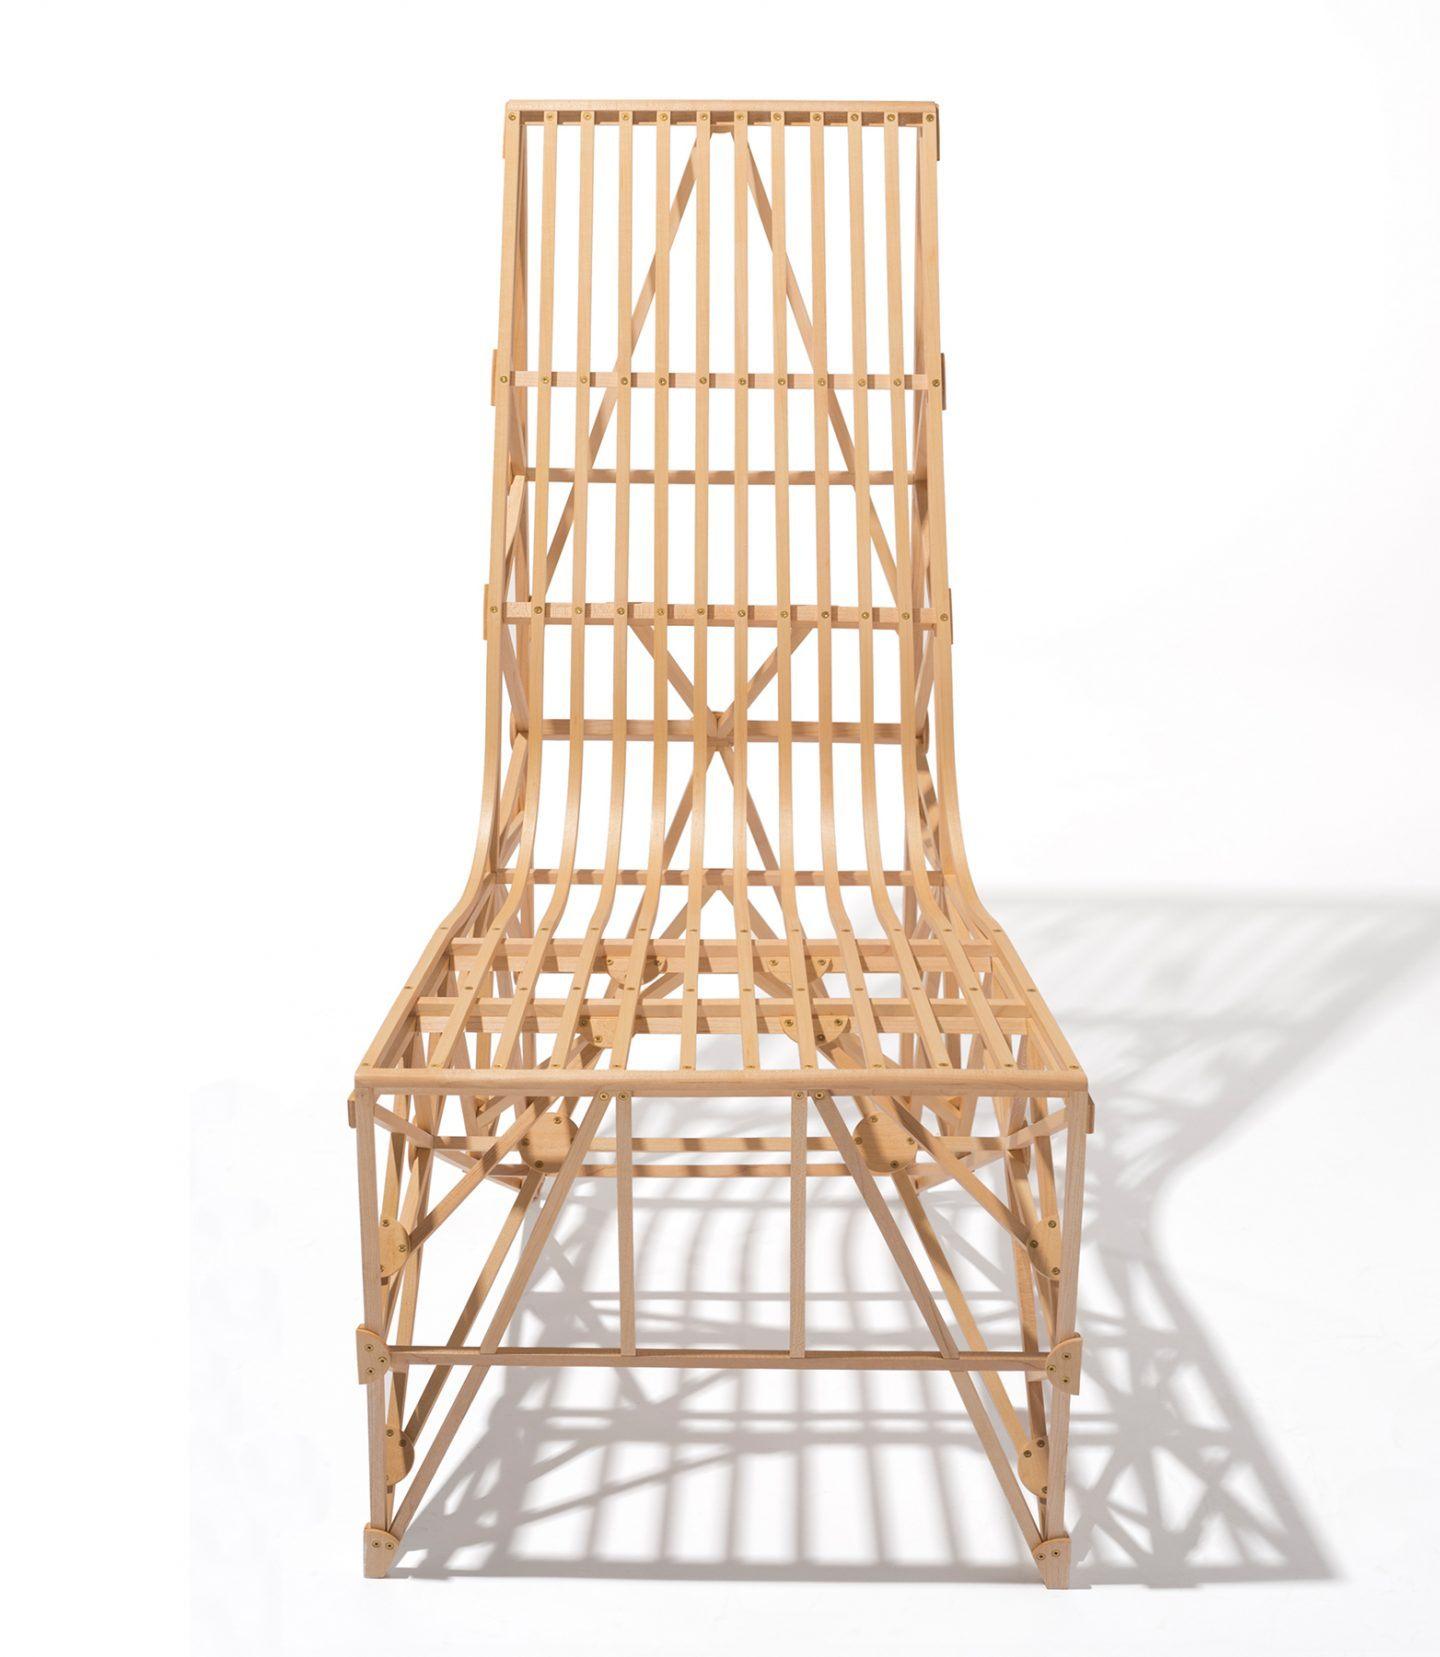 IGNANT-ADesign-Award-Competition-Hung-Yuan-Chang-Bridge-DNA-1